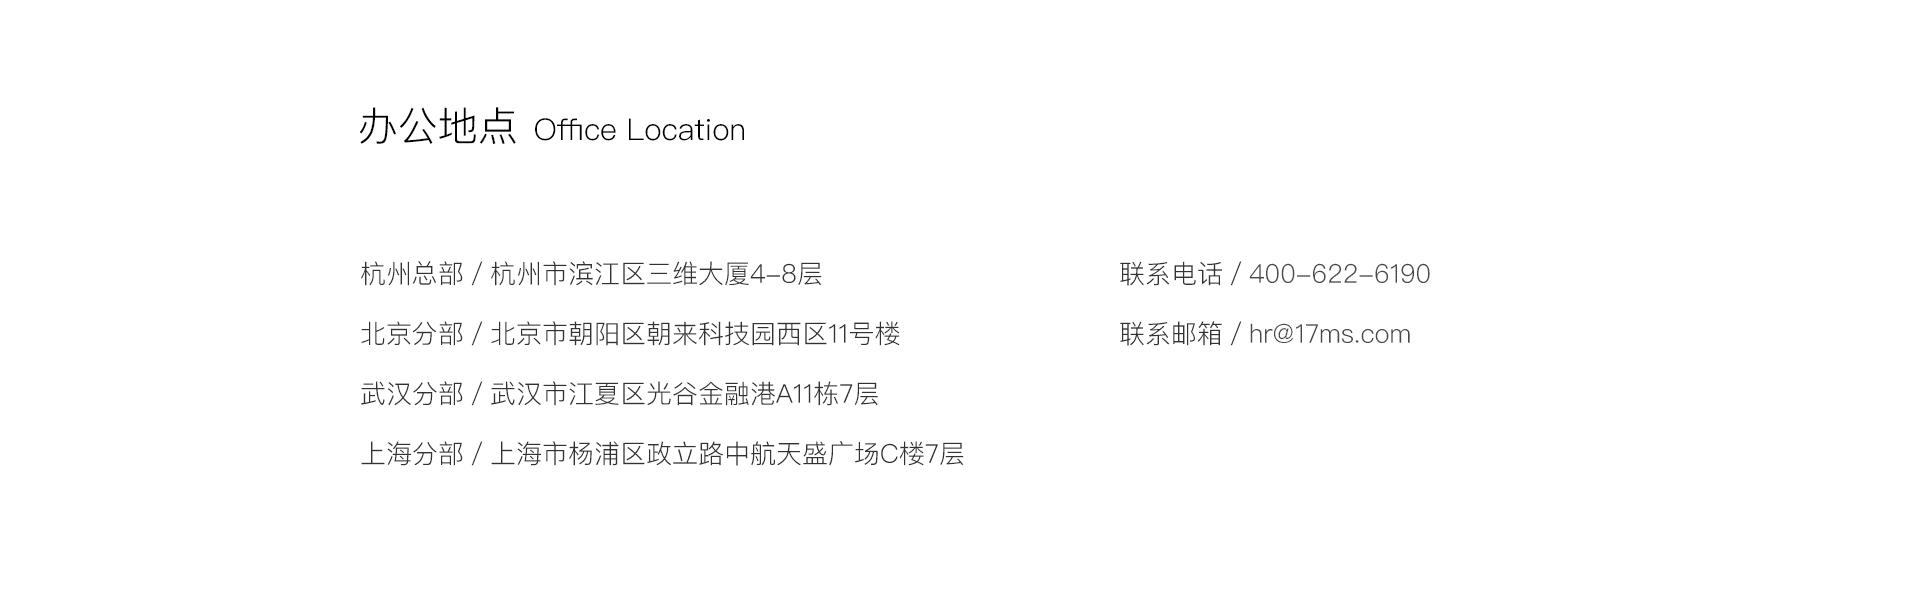 艺旗科技集团